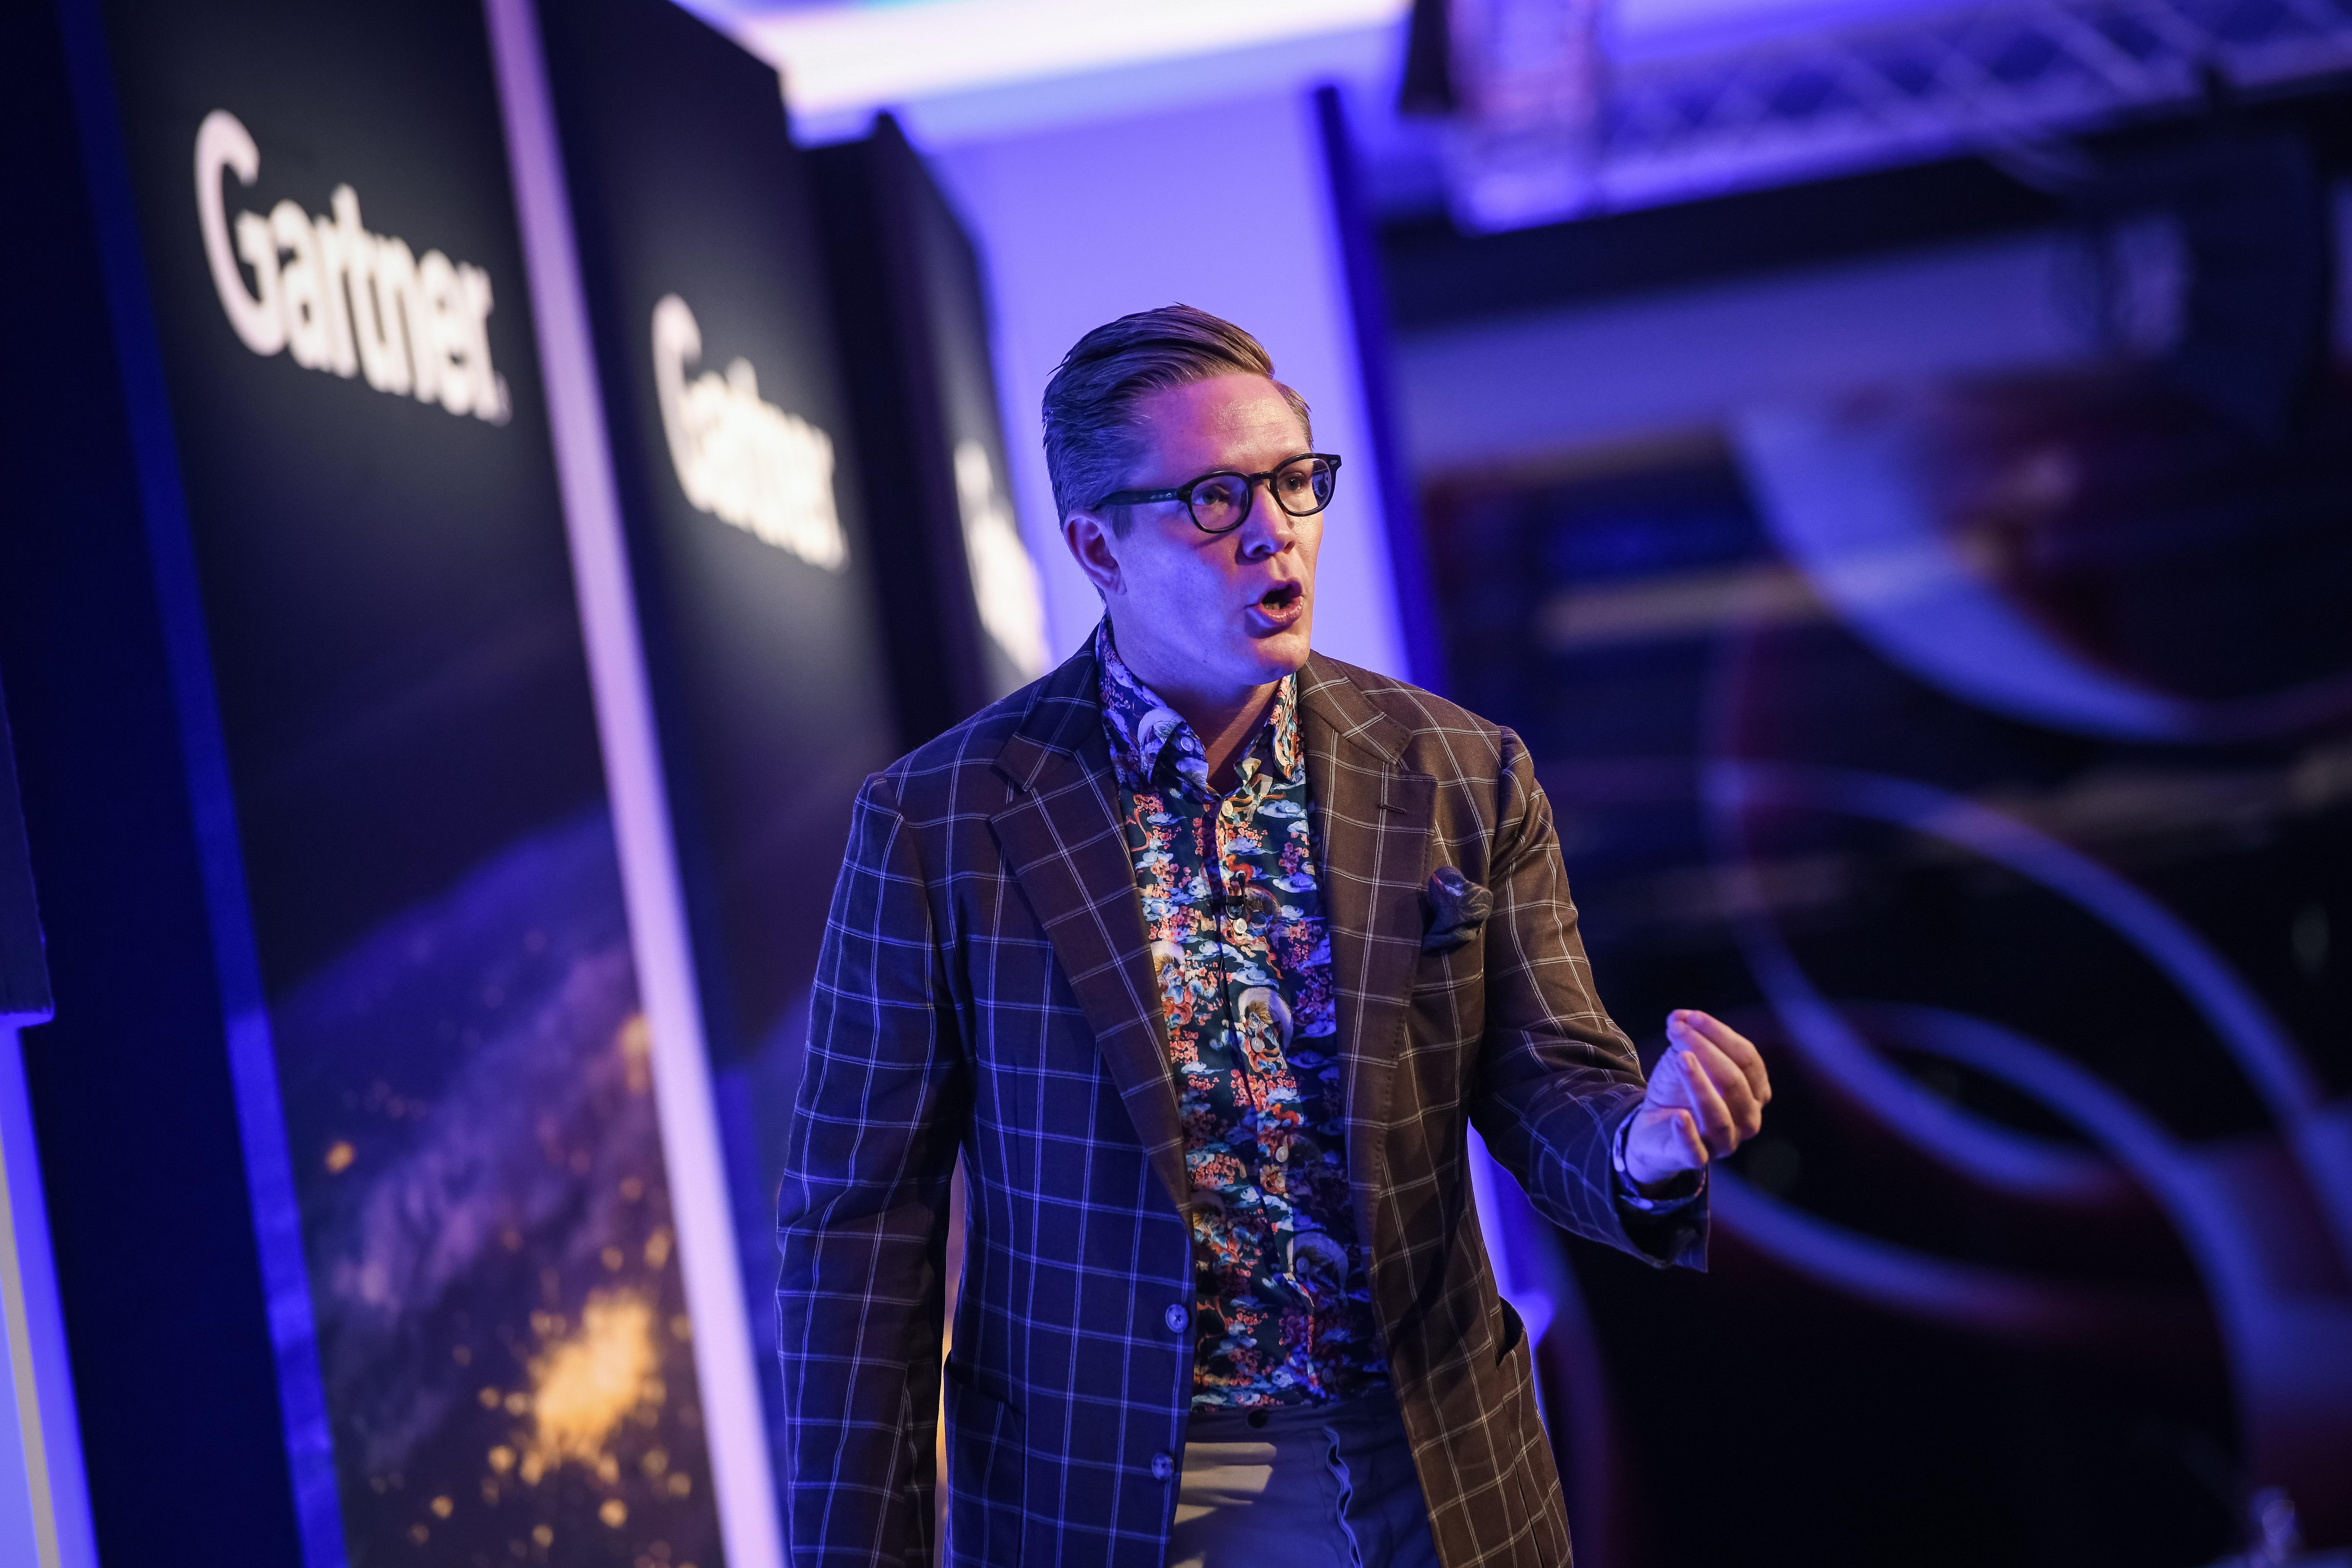 Gartner Futurist Anders Sorman-Nilsson